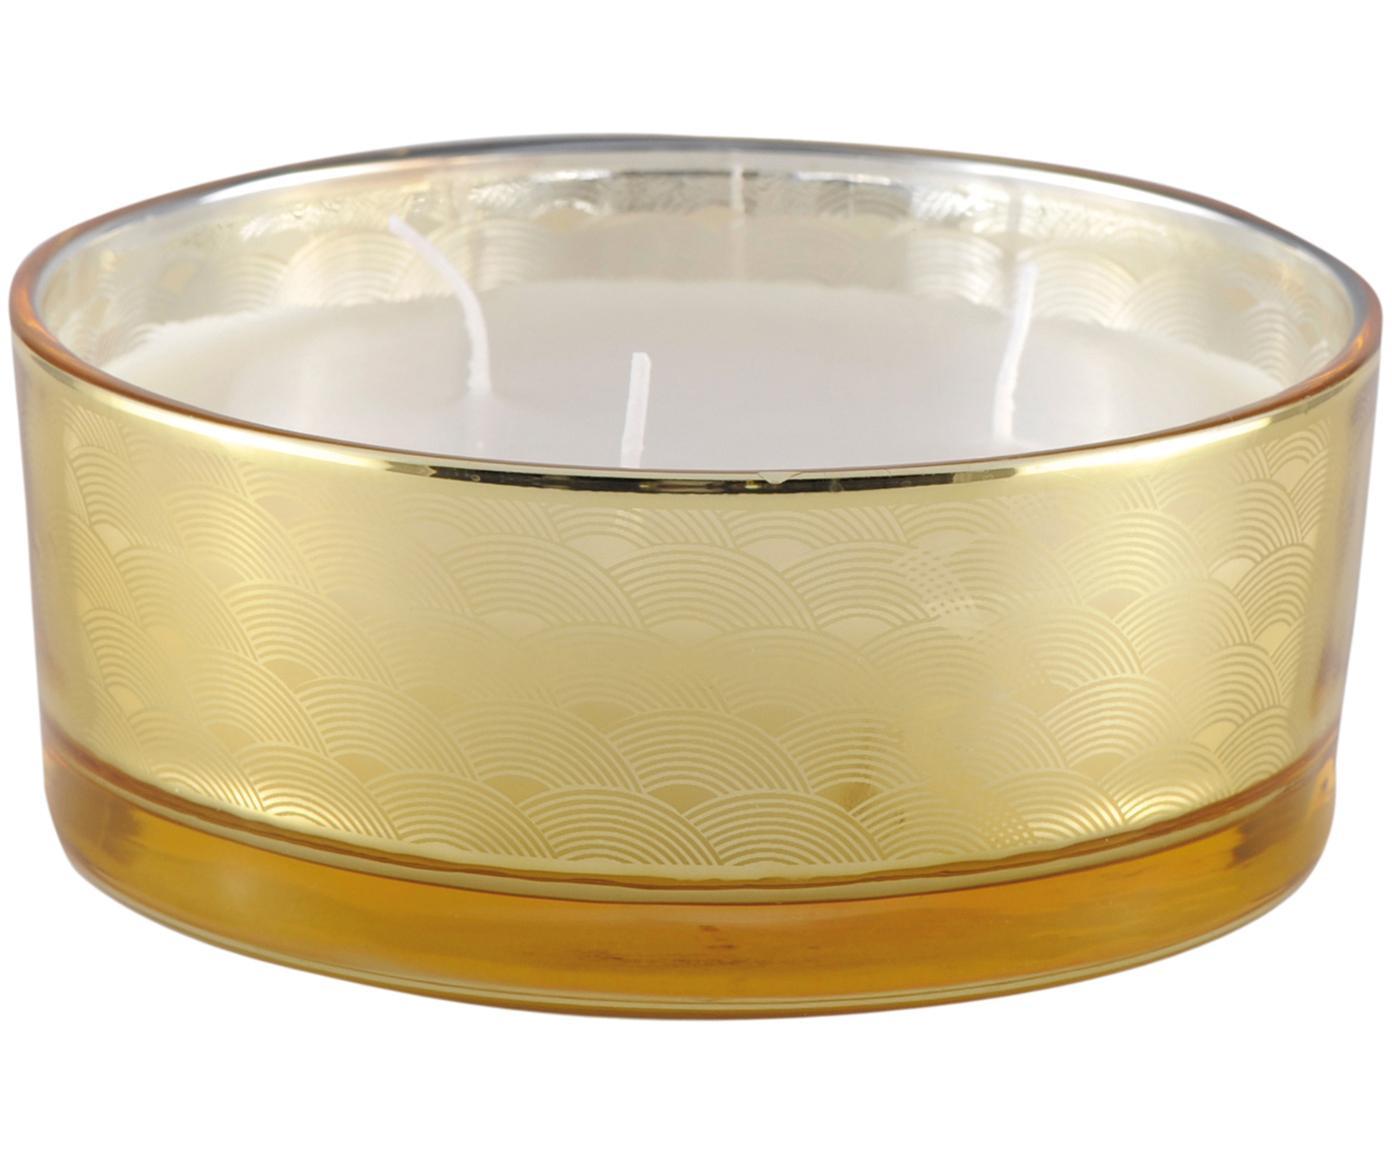 Dreidochtkerze Sunny (Vanille), Behälter: Glas, Bernsteinfarben, transparent, Goldfarben, Ø 15 x H 6 cm